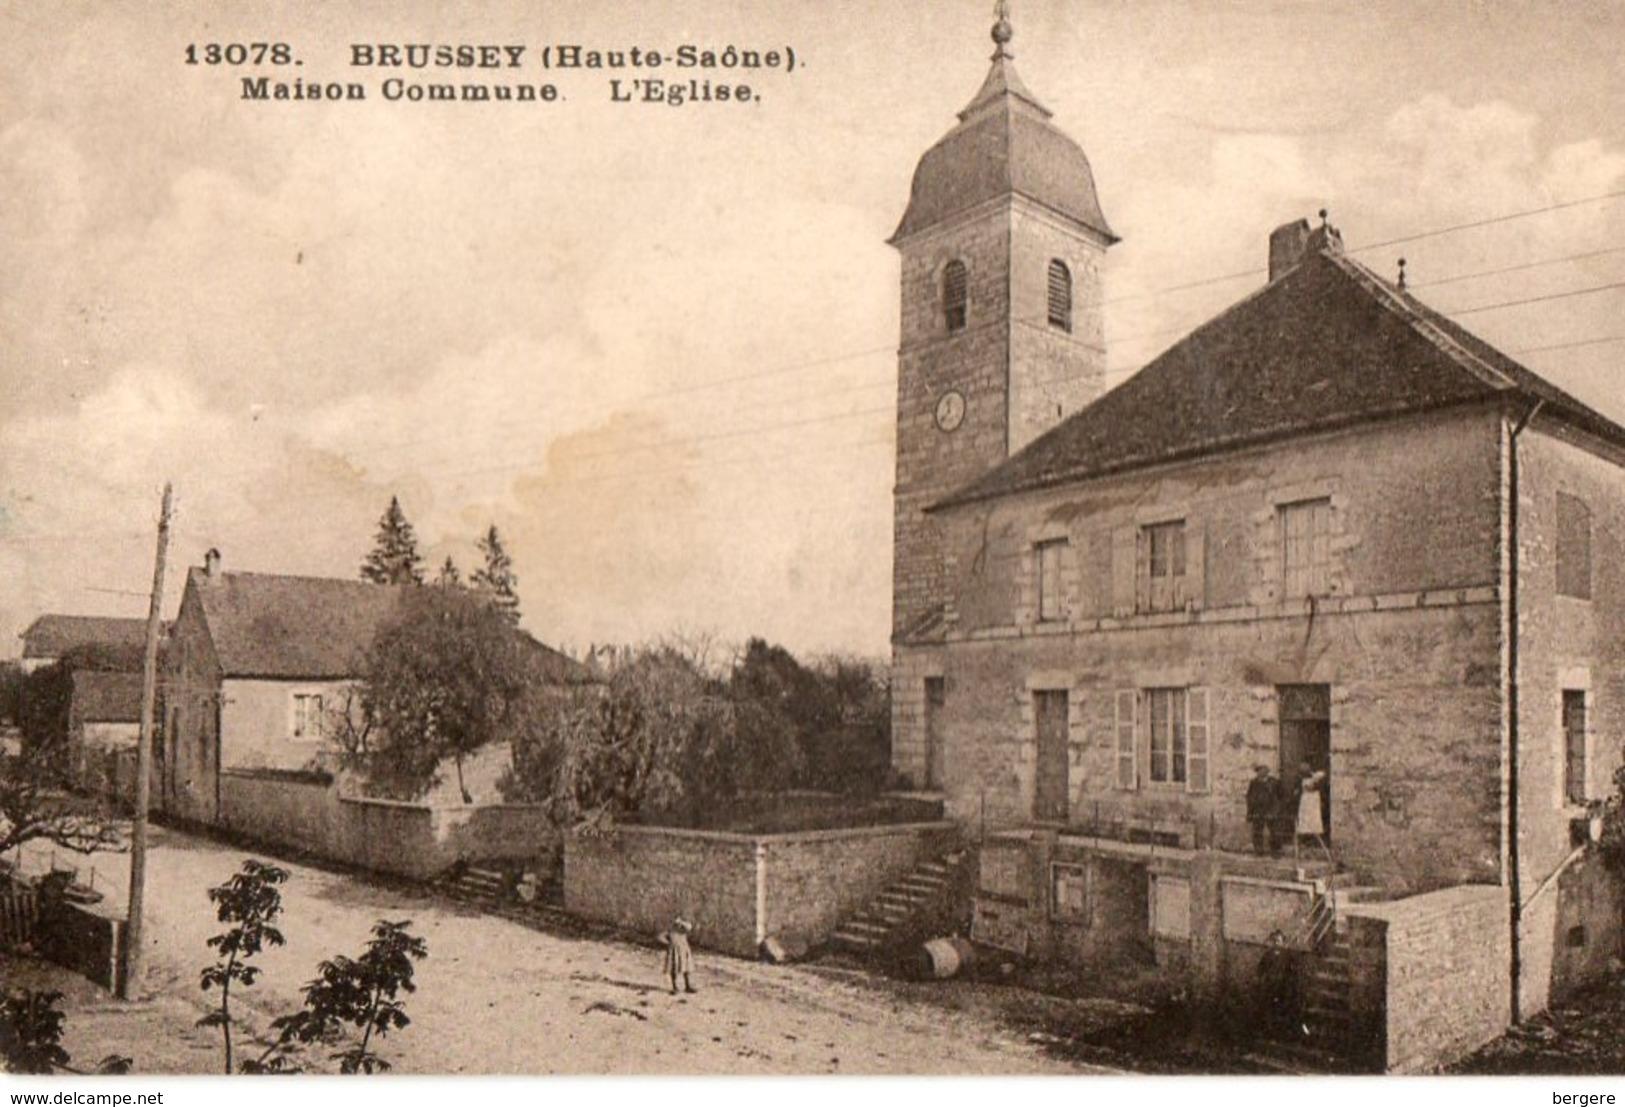 80. CPA. BRUSSEY.  Maison Commune, L'église.  1933. - Sonstige Gemeinden